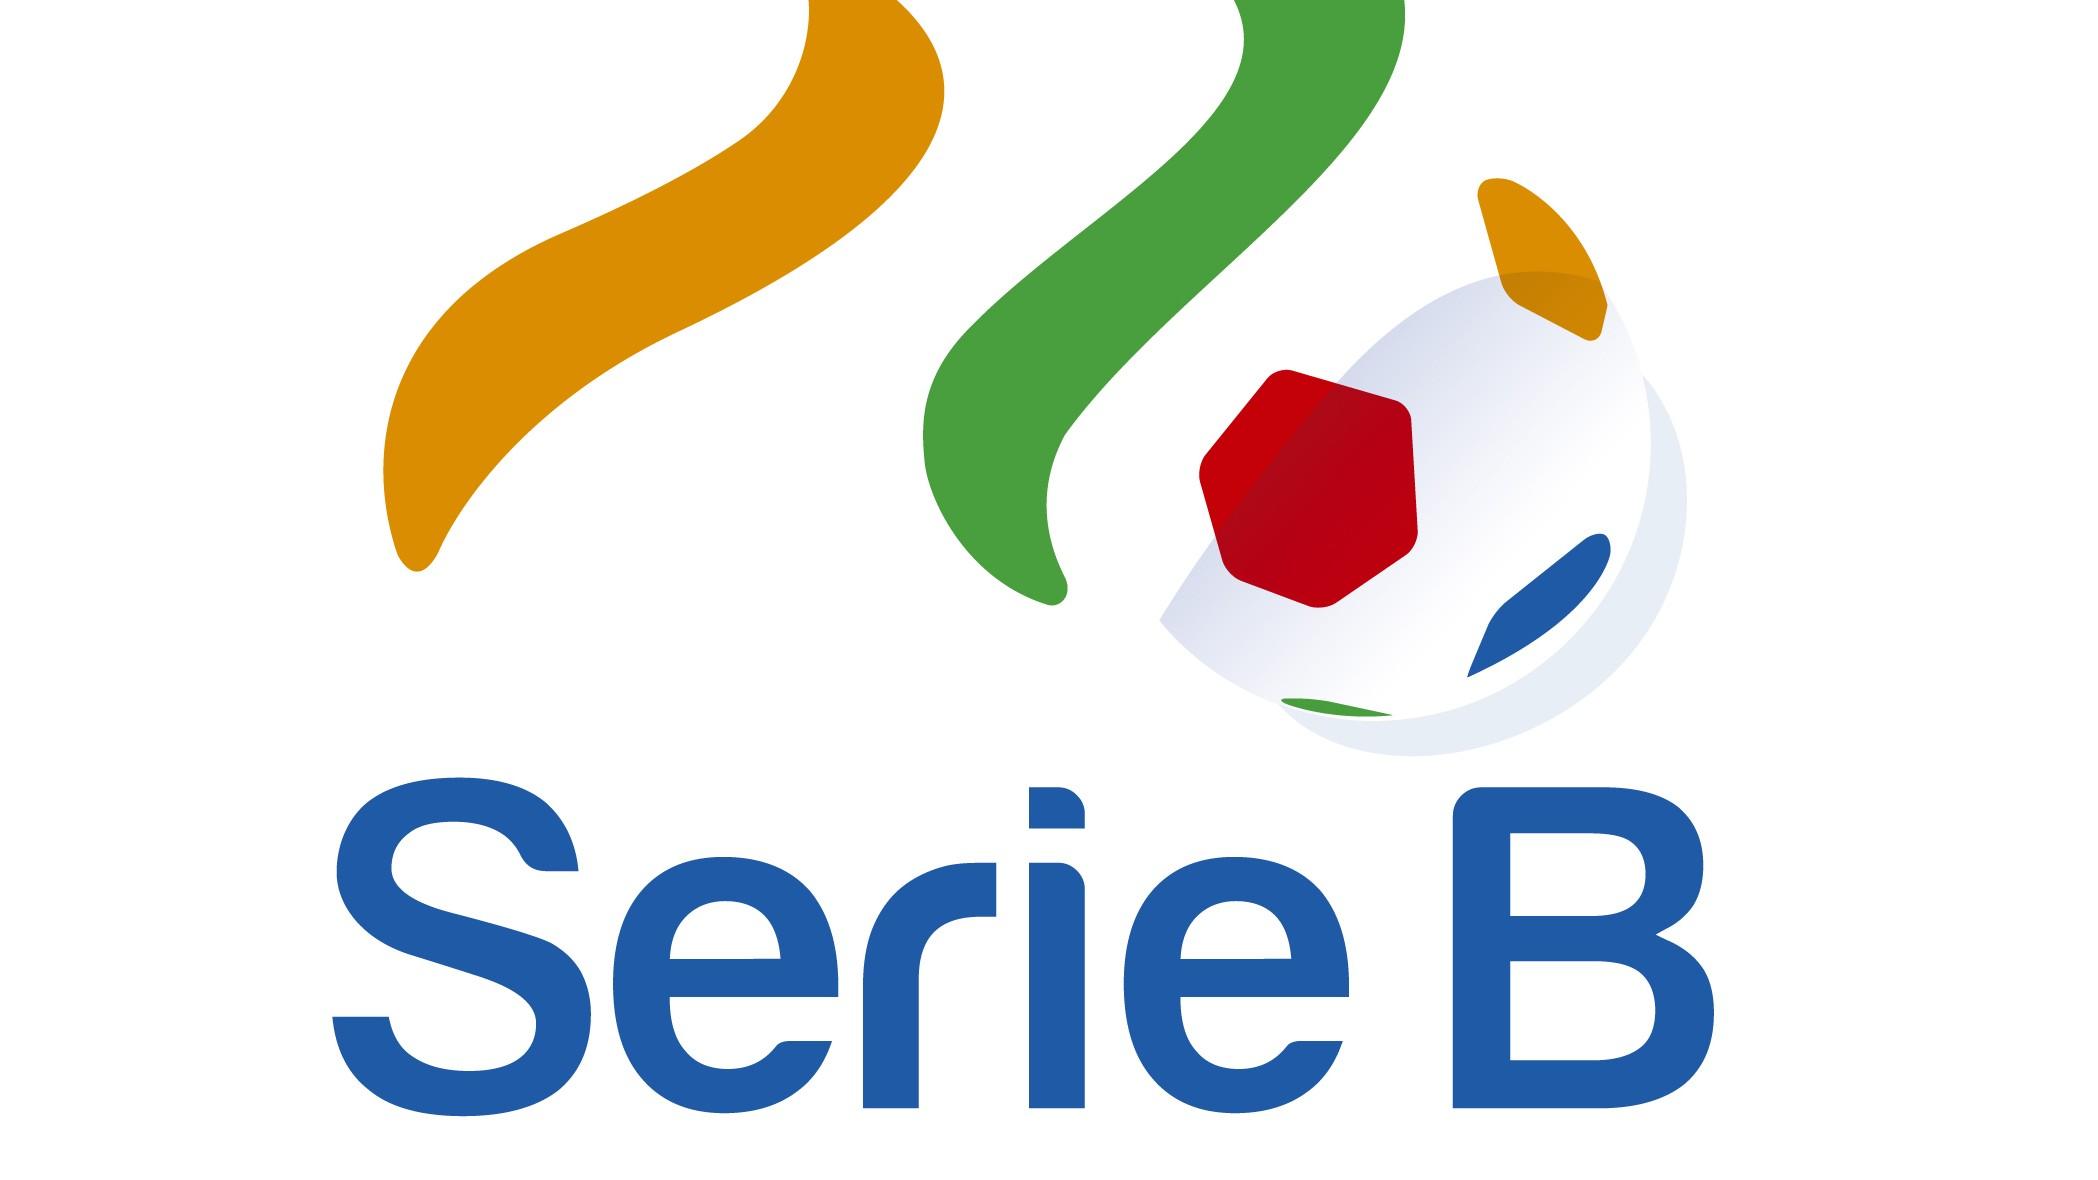 serie-b-serieb